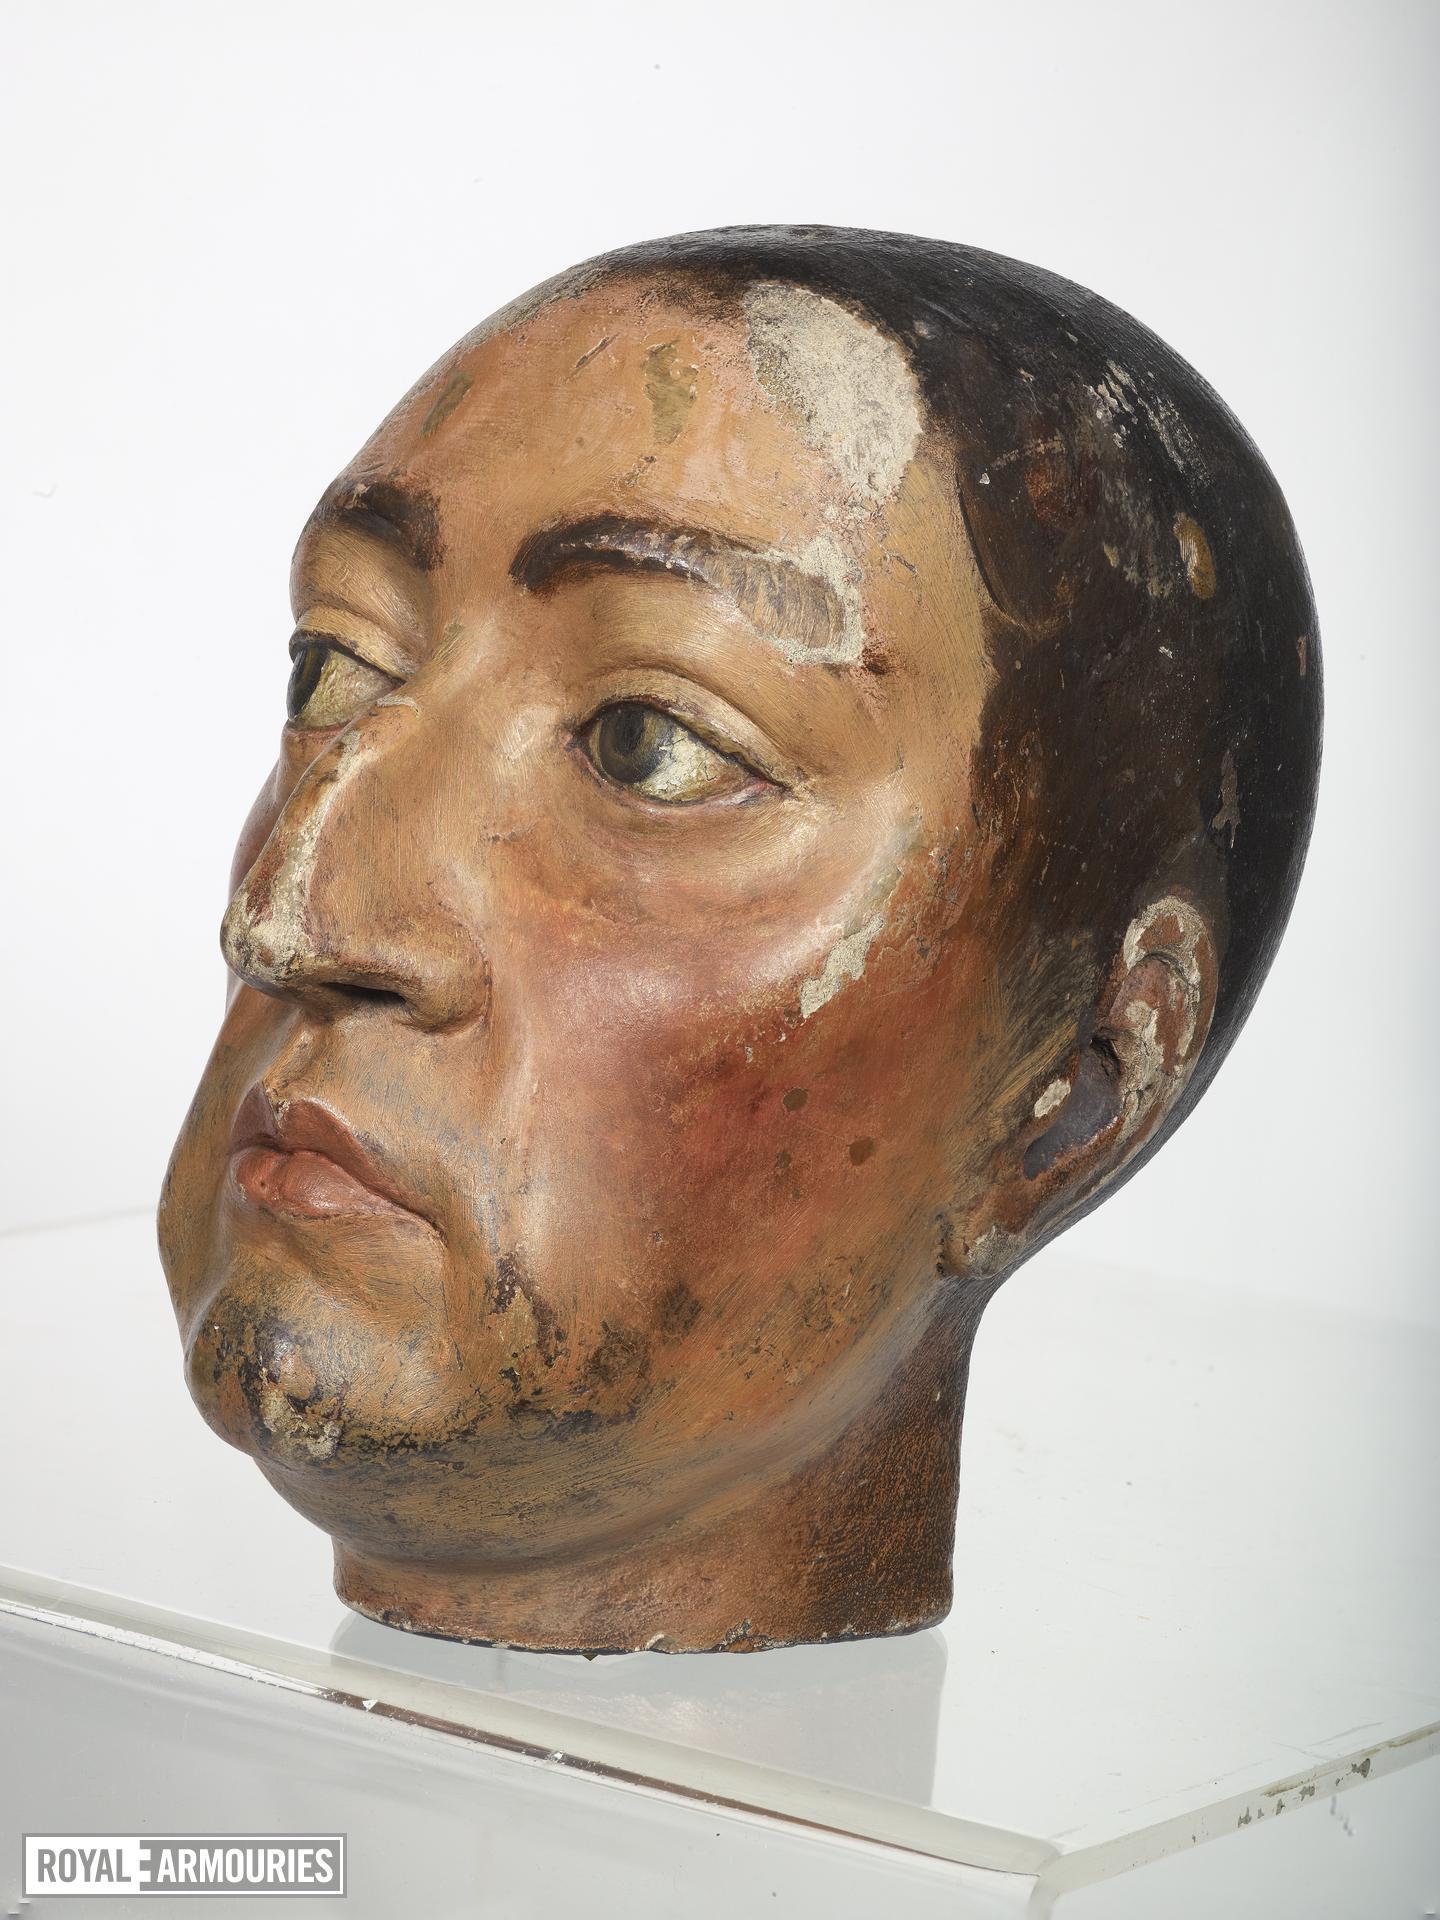 Wooden Head of William III? Carved wooden head of William III ?